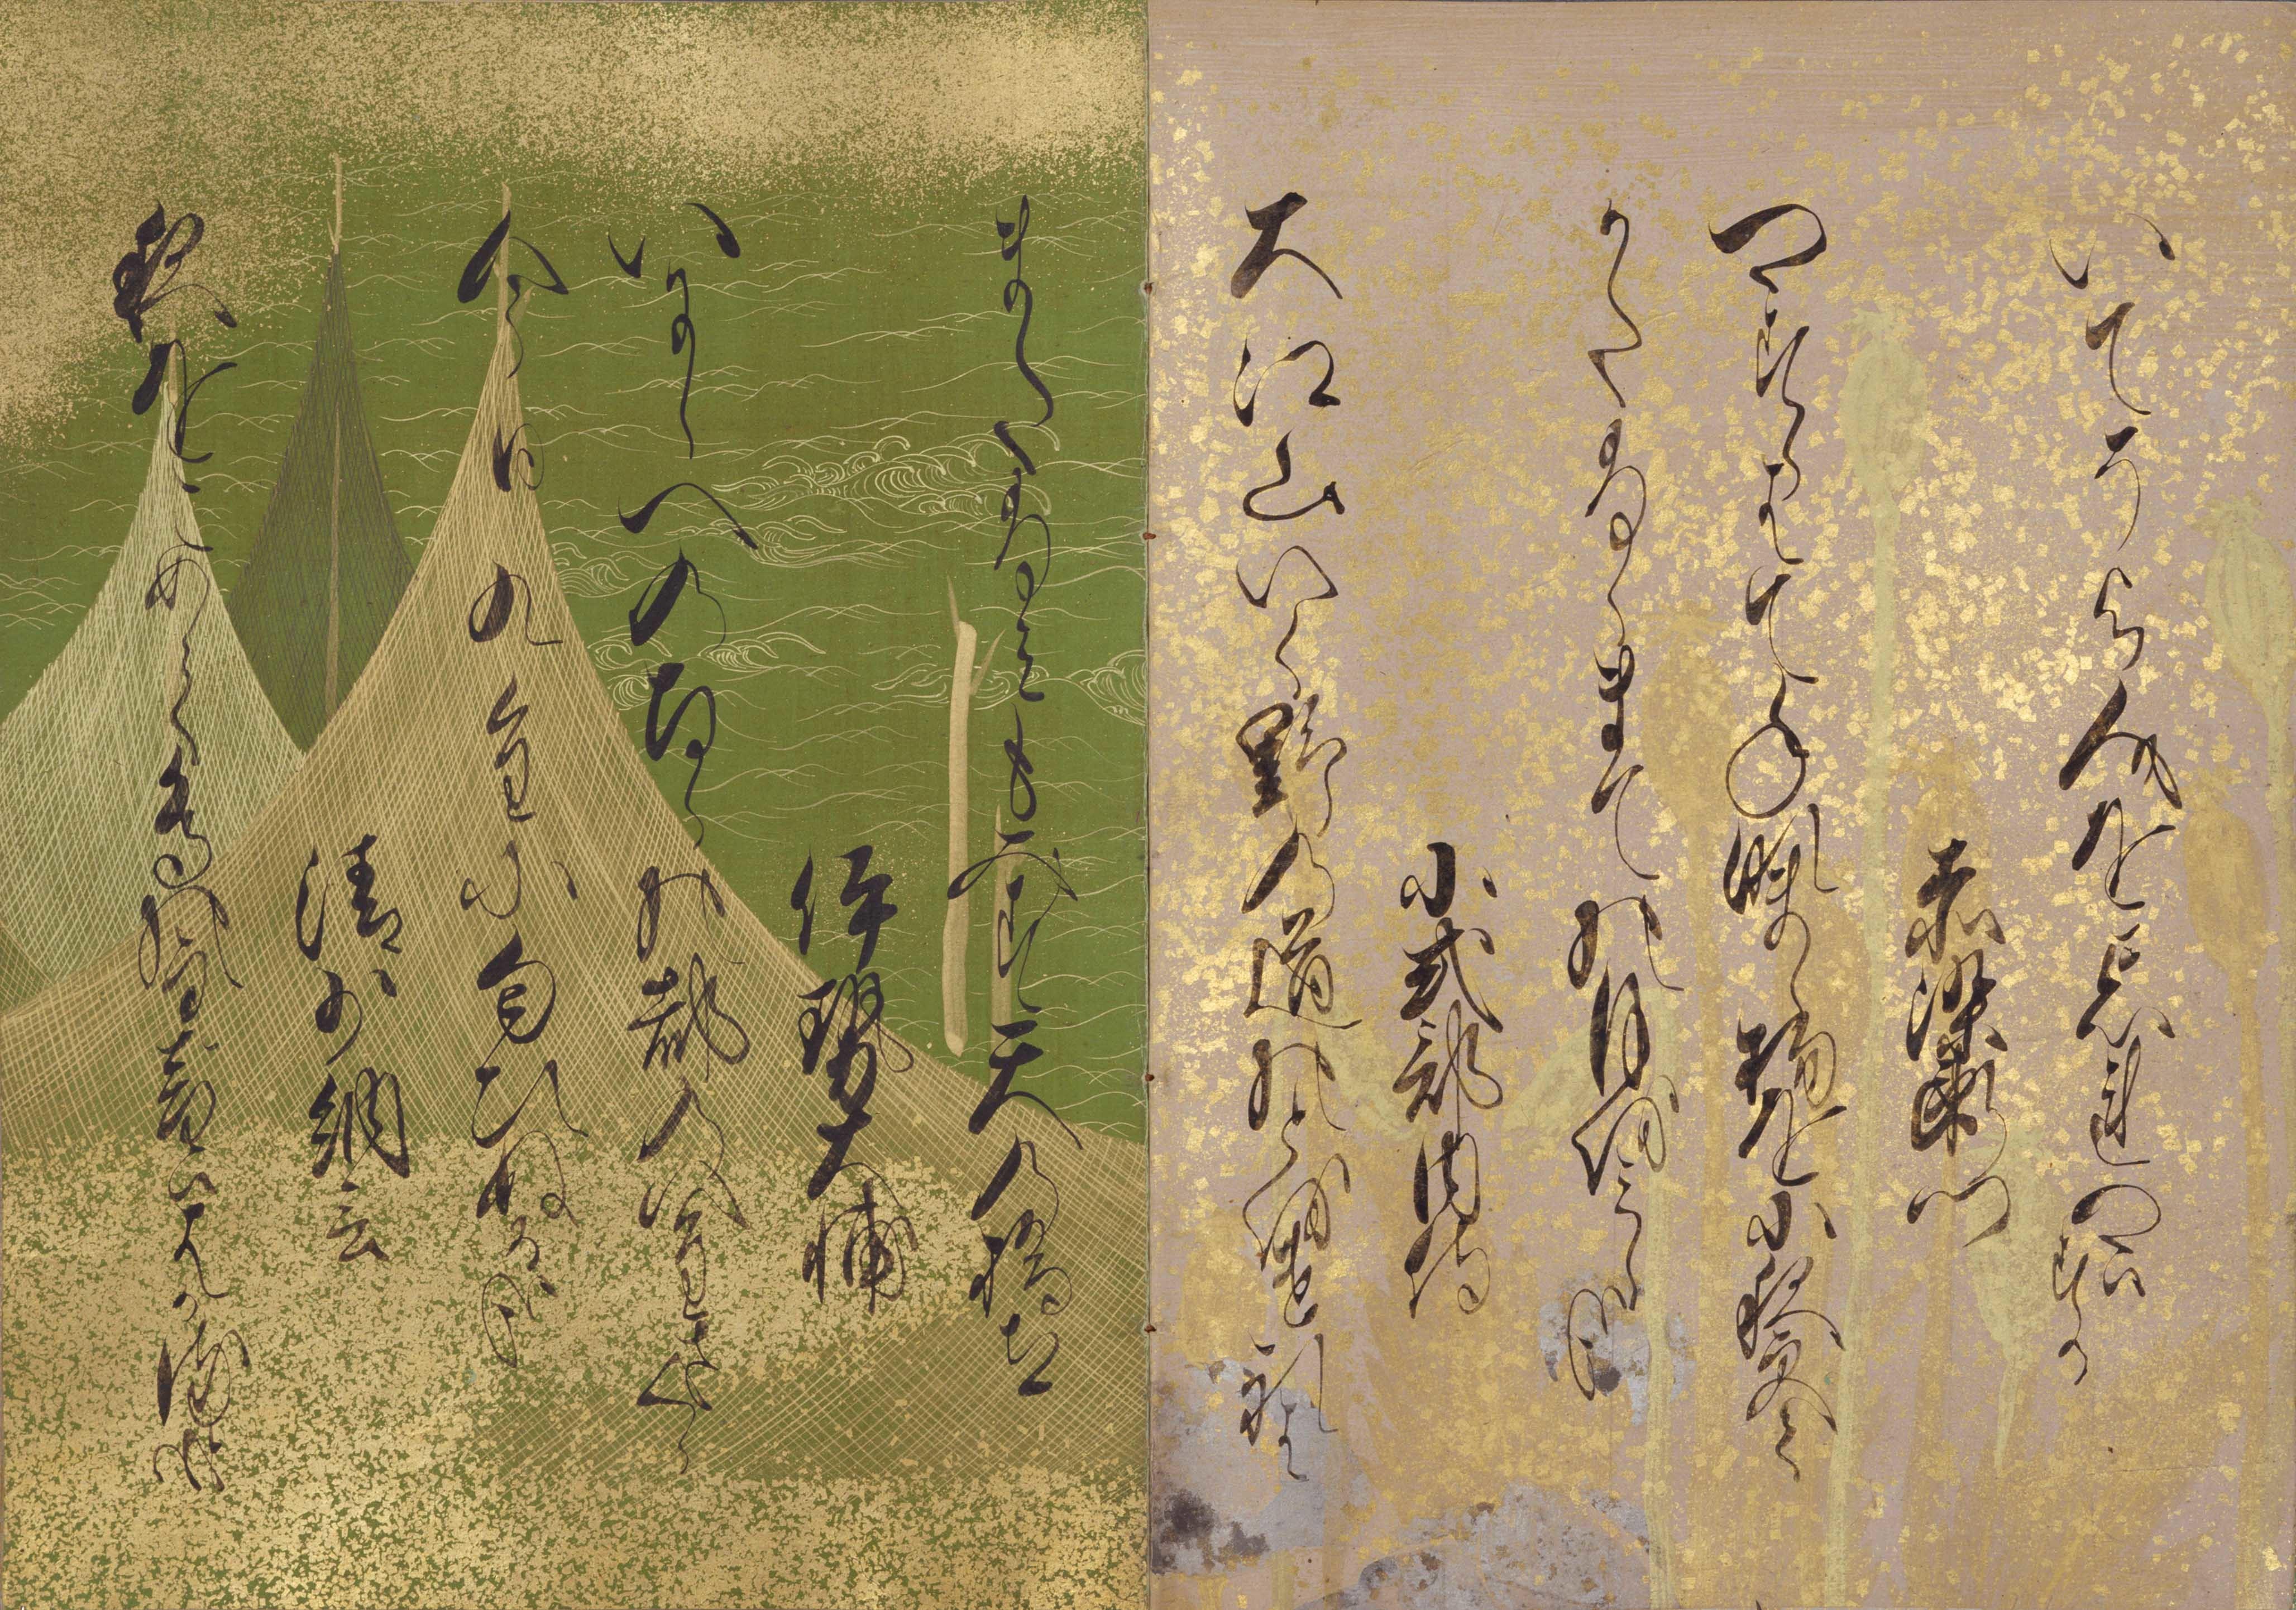 百人一首帖 智仁親王筆 1帖 彩箋墨書 日本・江戸時代 17世紀 根津美術館蔵